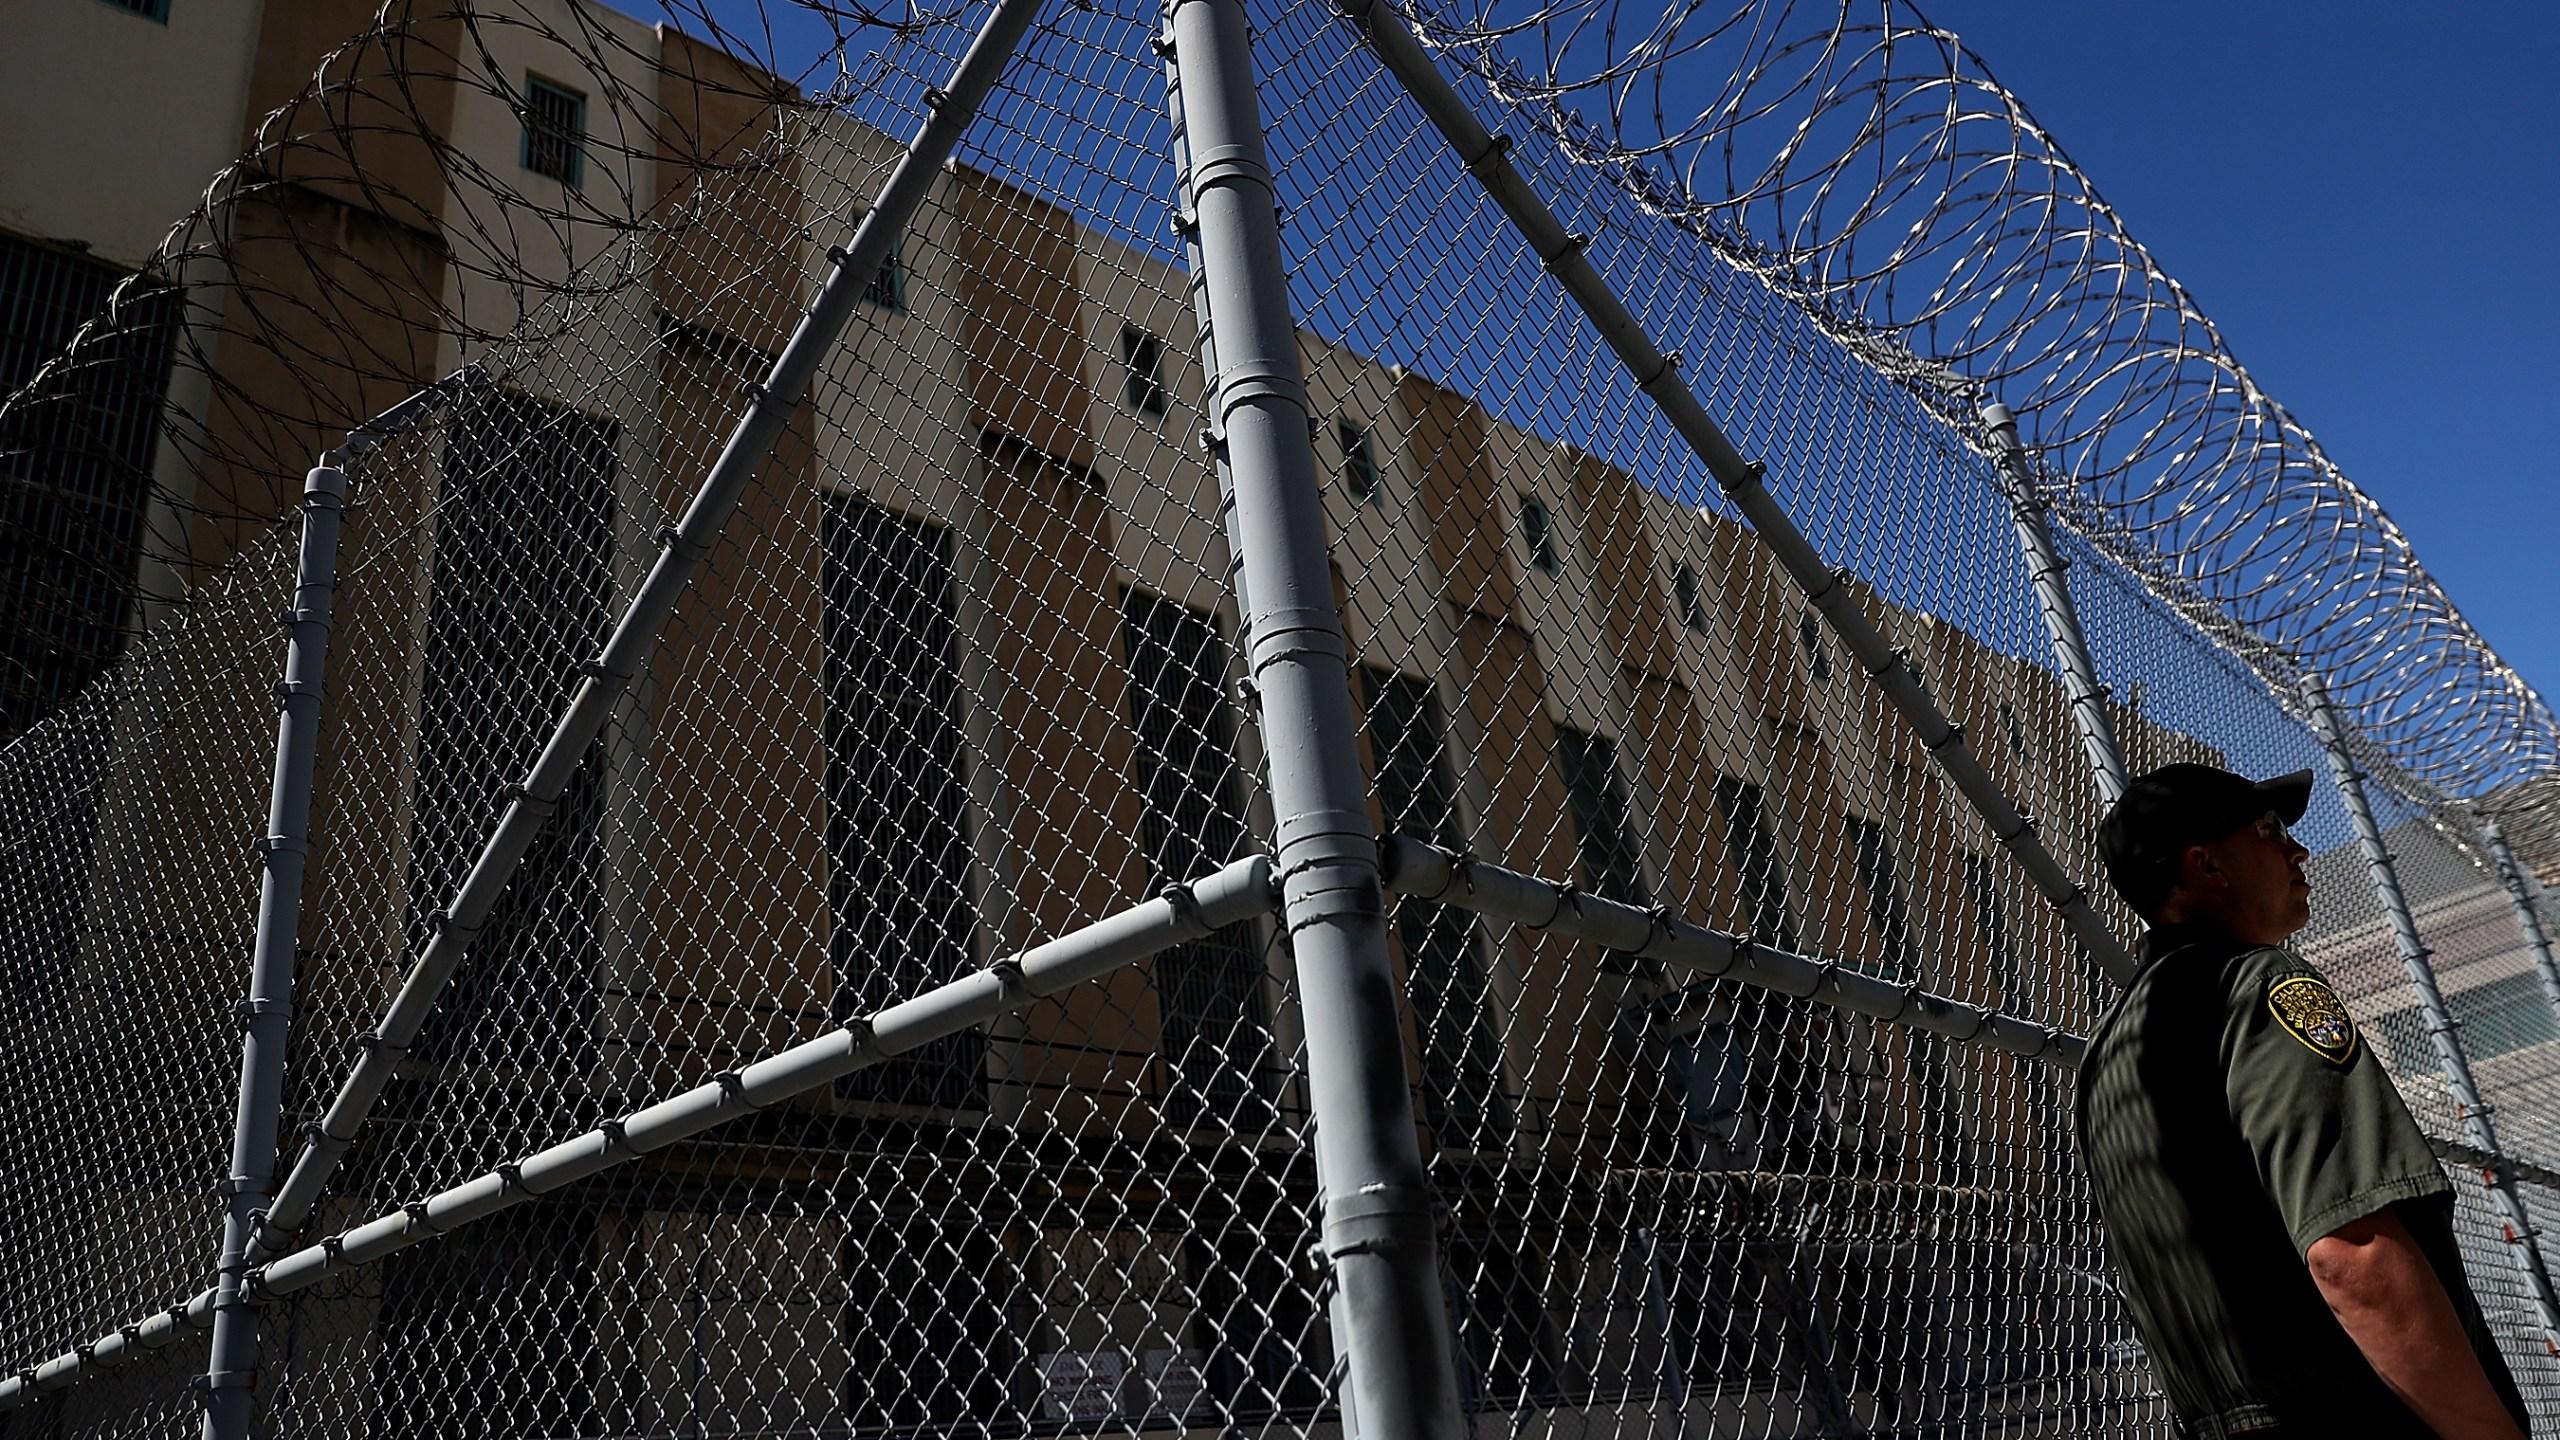 10-31 getty state prison2_1541036650617.jpg.jpg